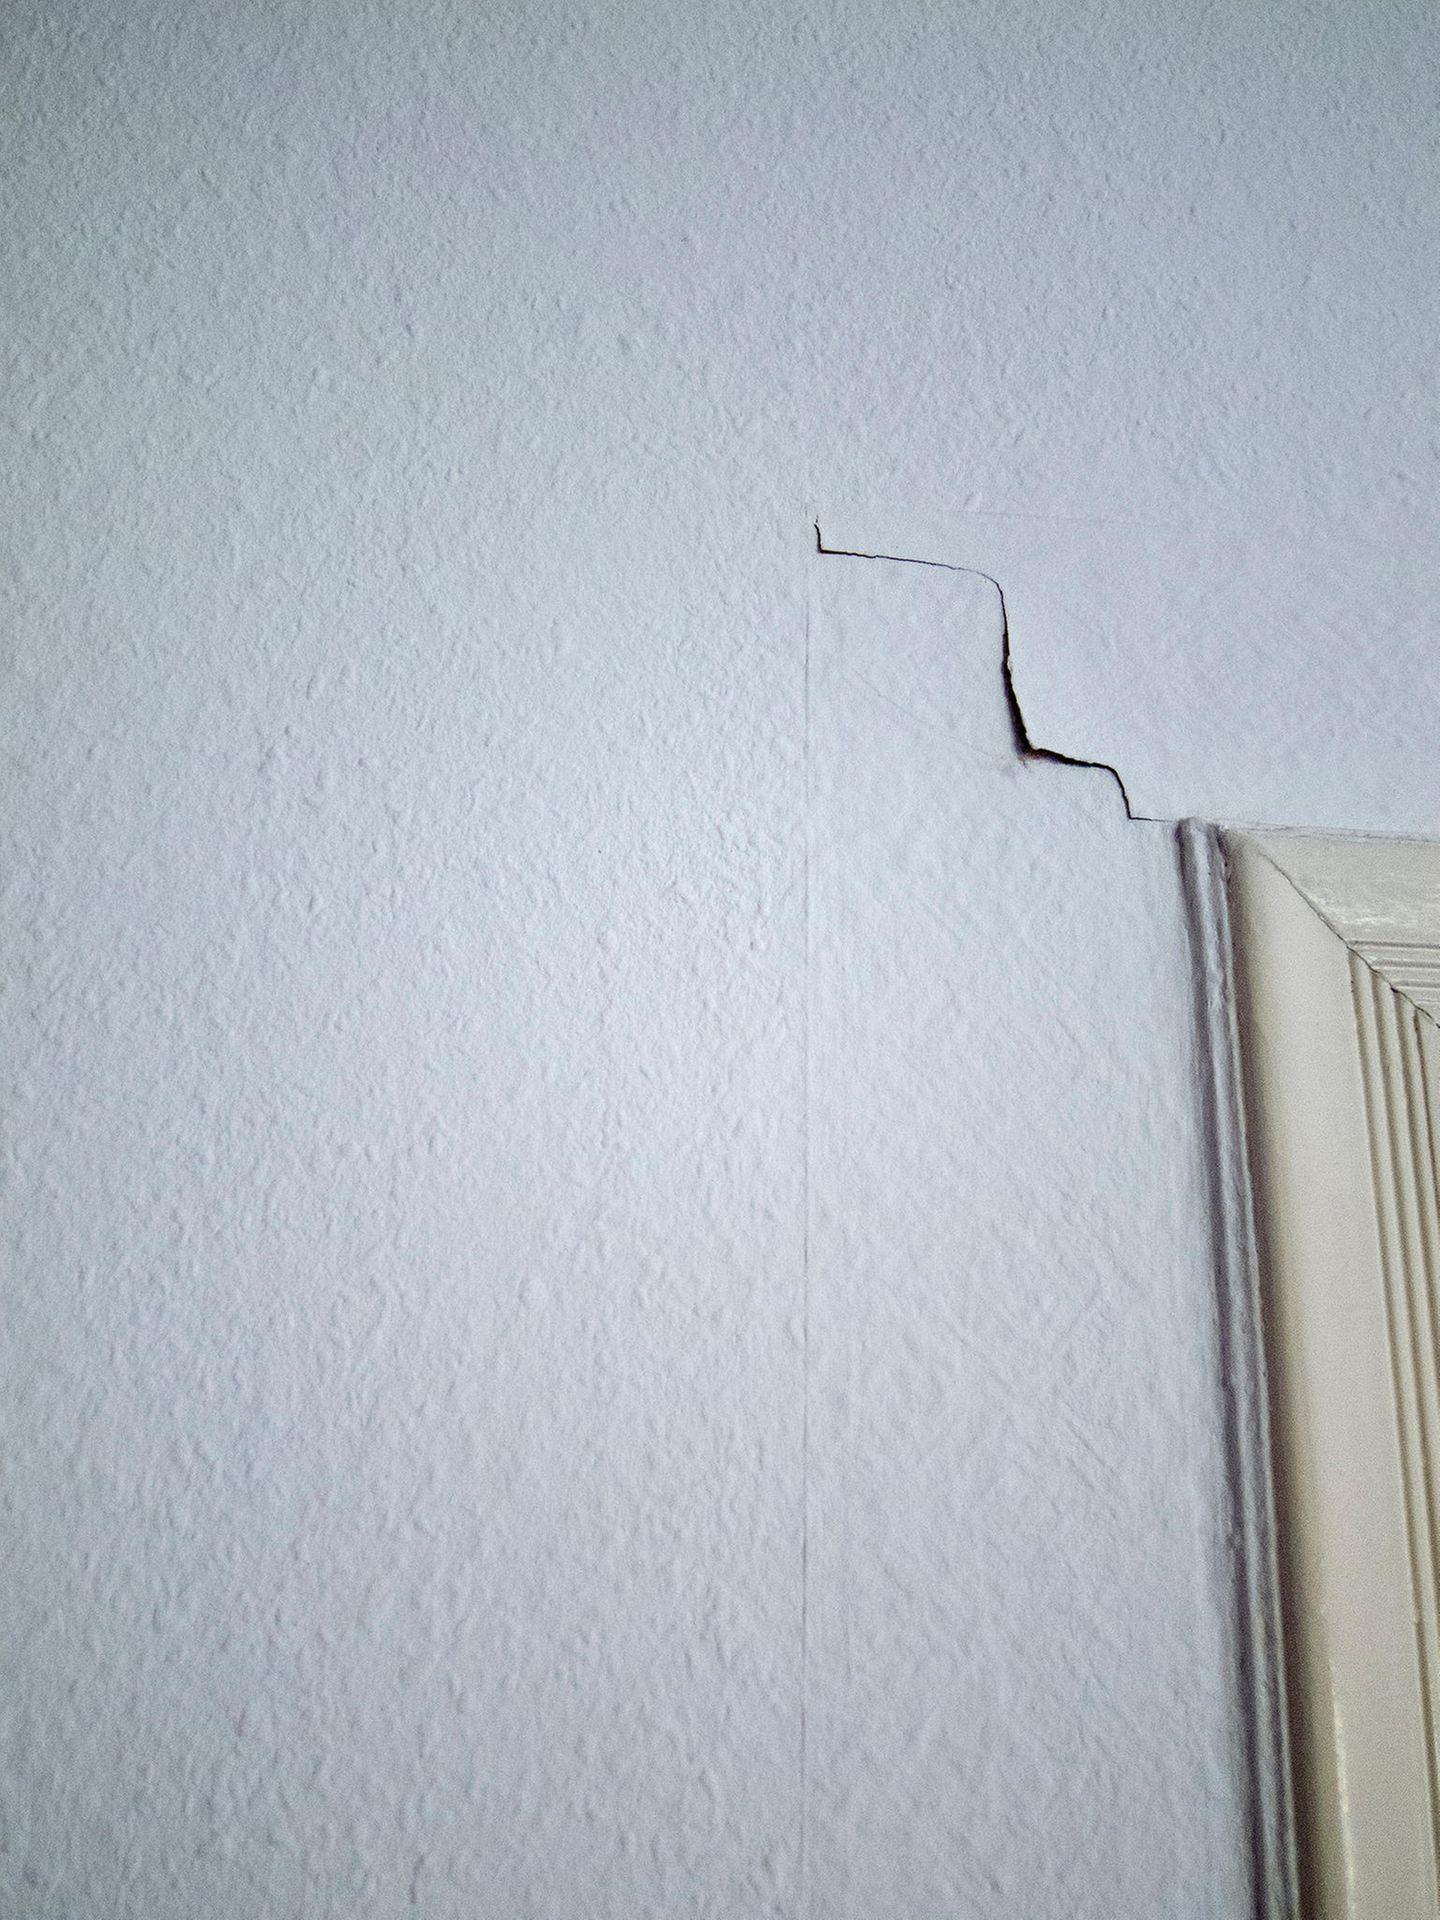 Über einem Türrahmen geht ein Riss durch die Tapete